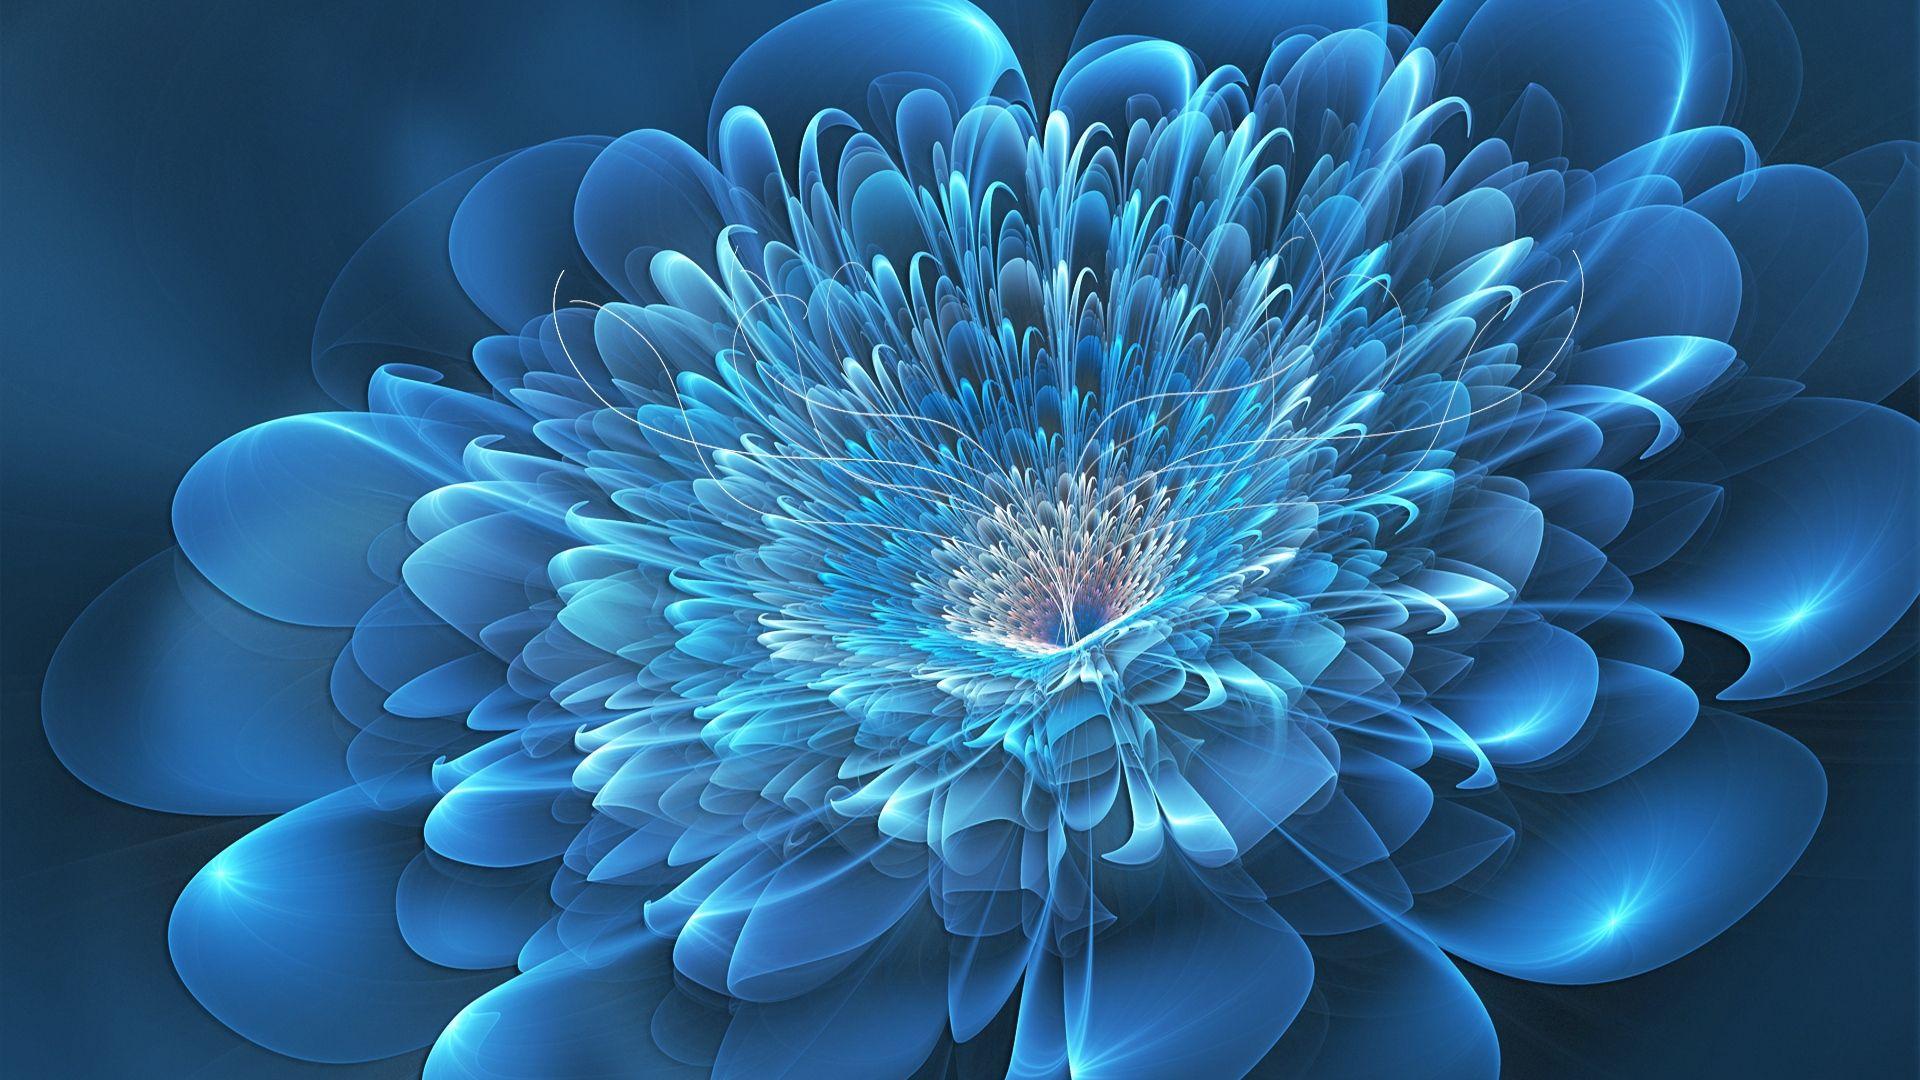 Fractal Flower beautiful wallpaper